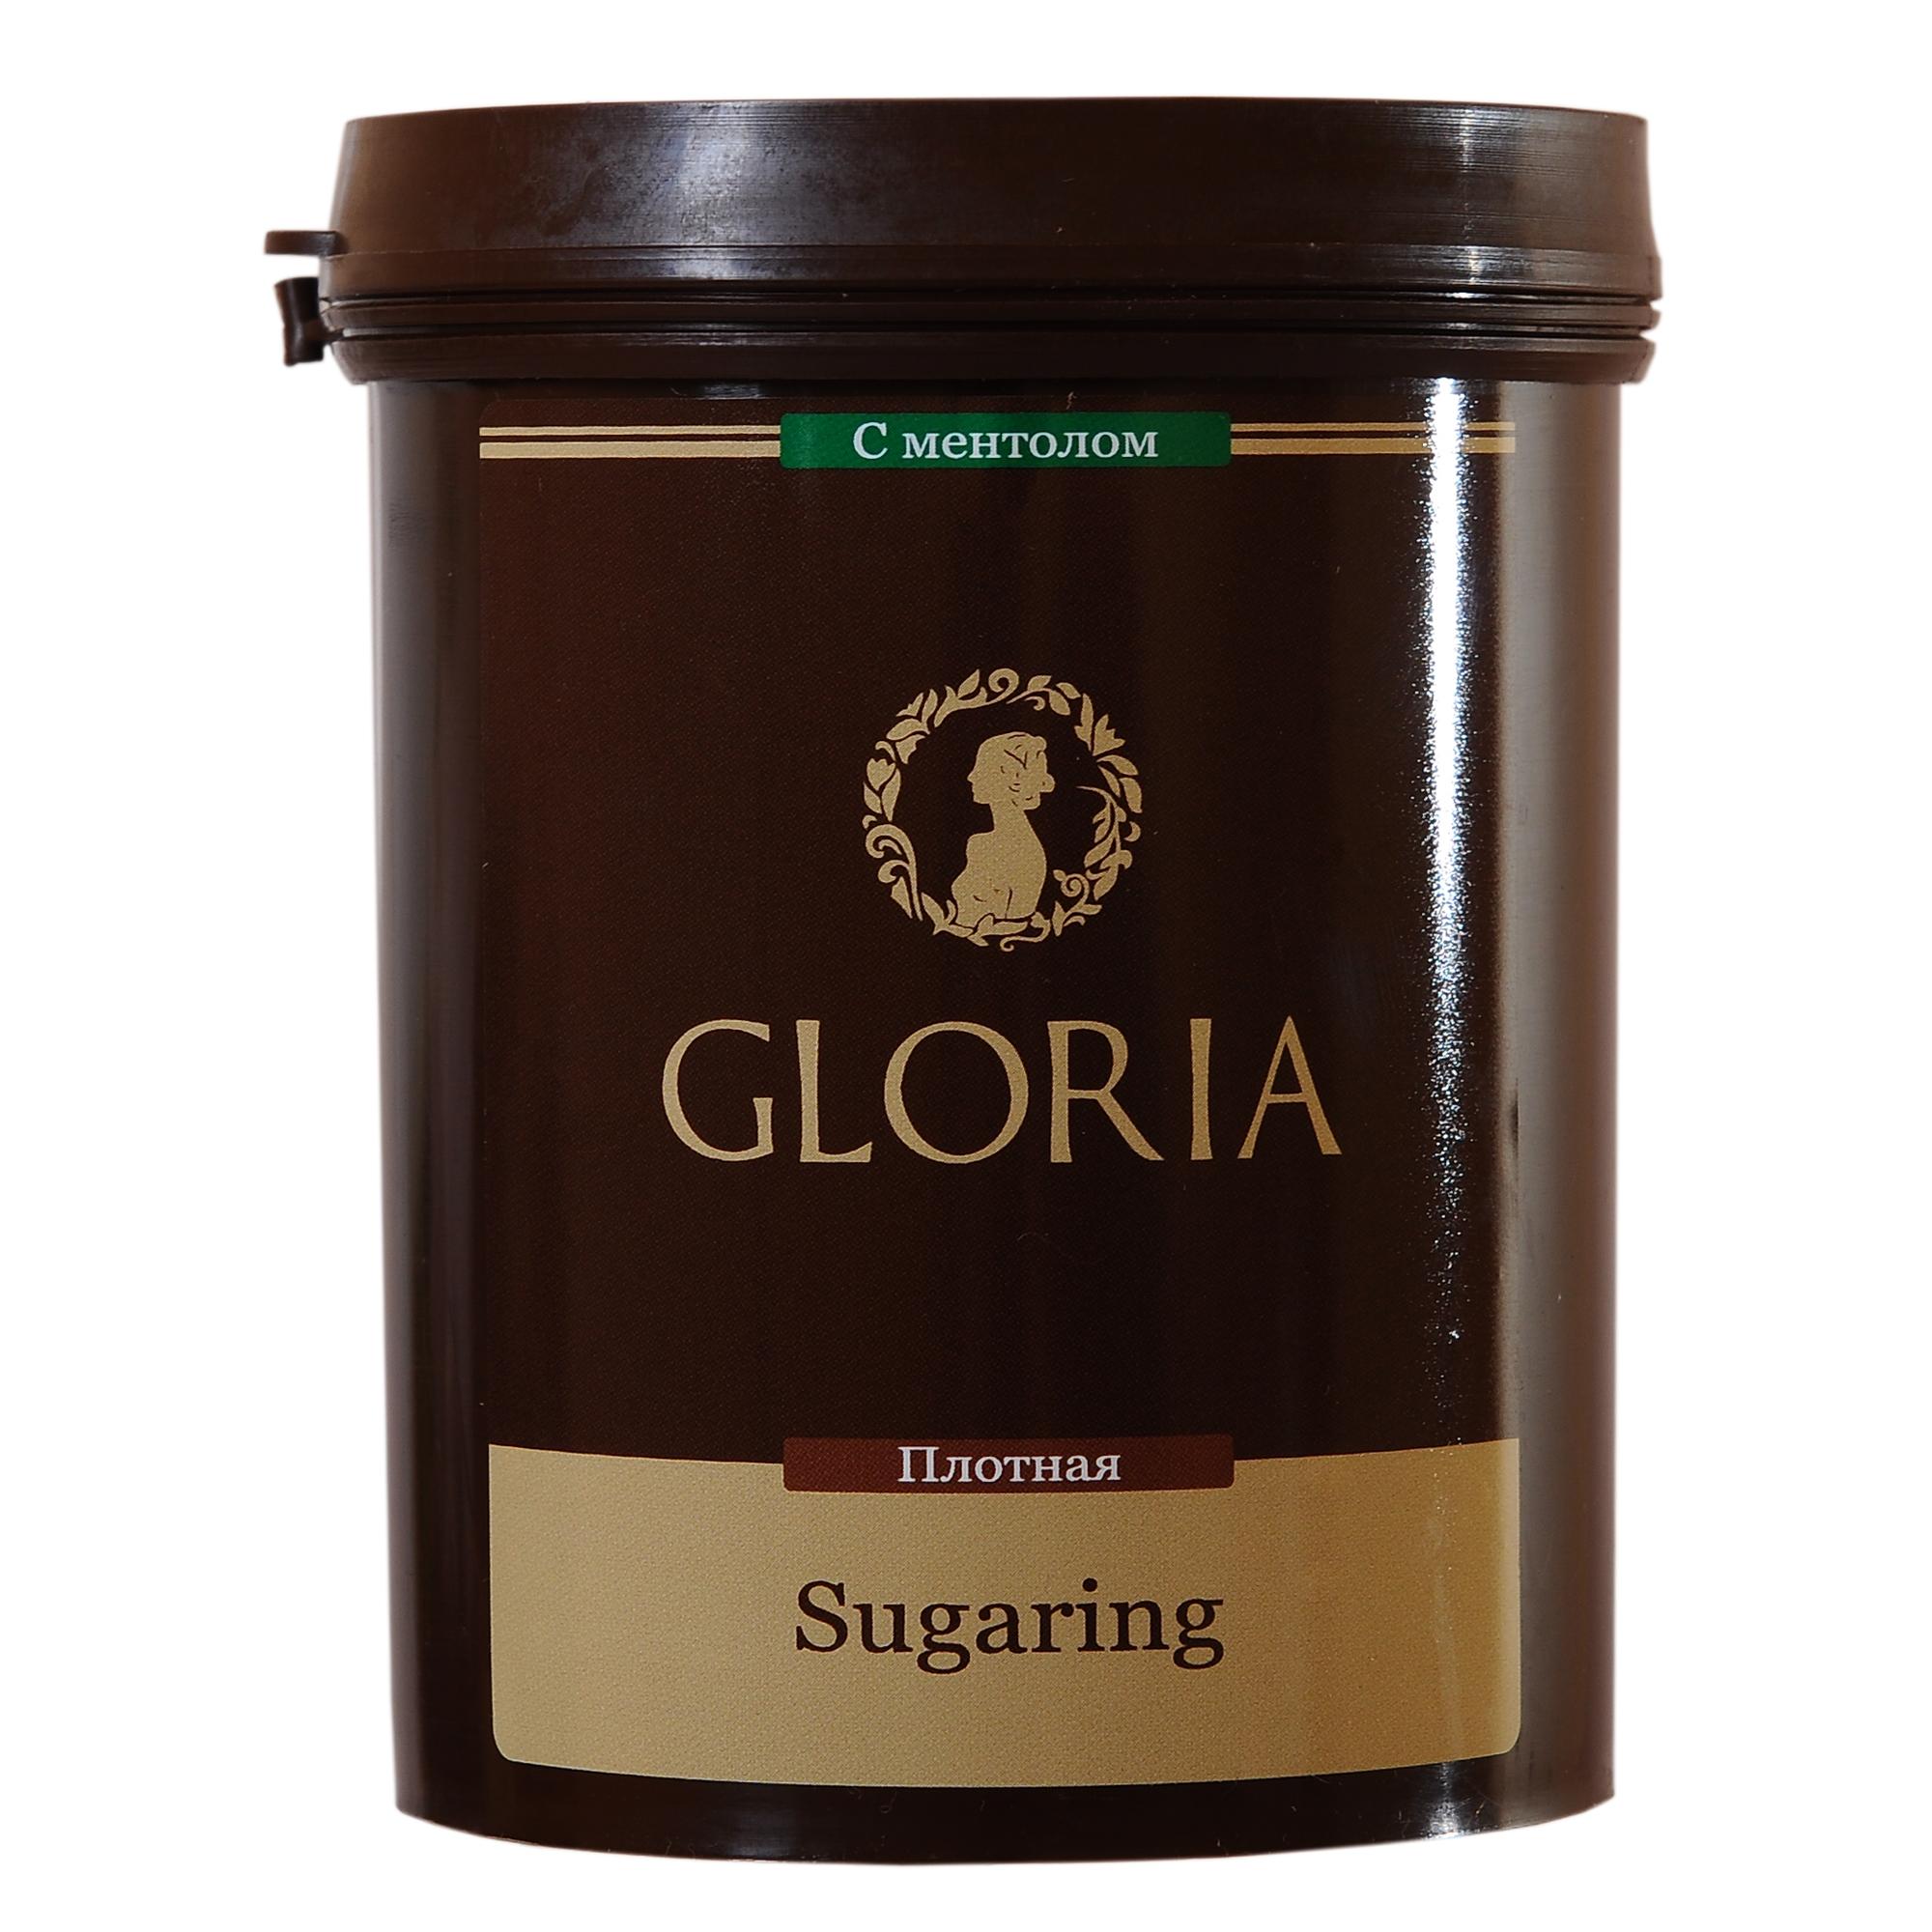 GLORIA Паста для шугаринга Gloria твердая с ментолом 0,8 кг